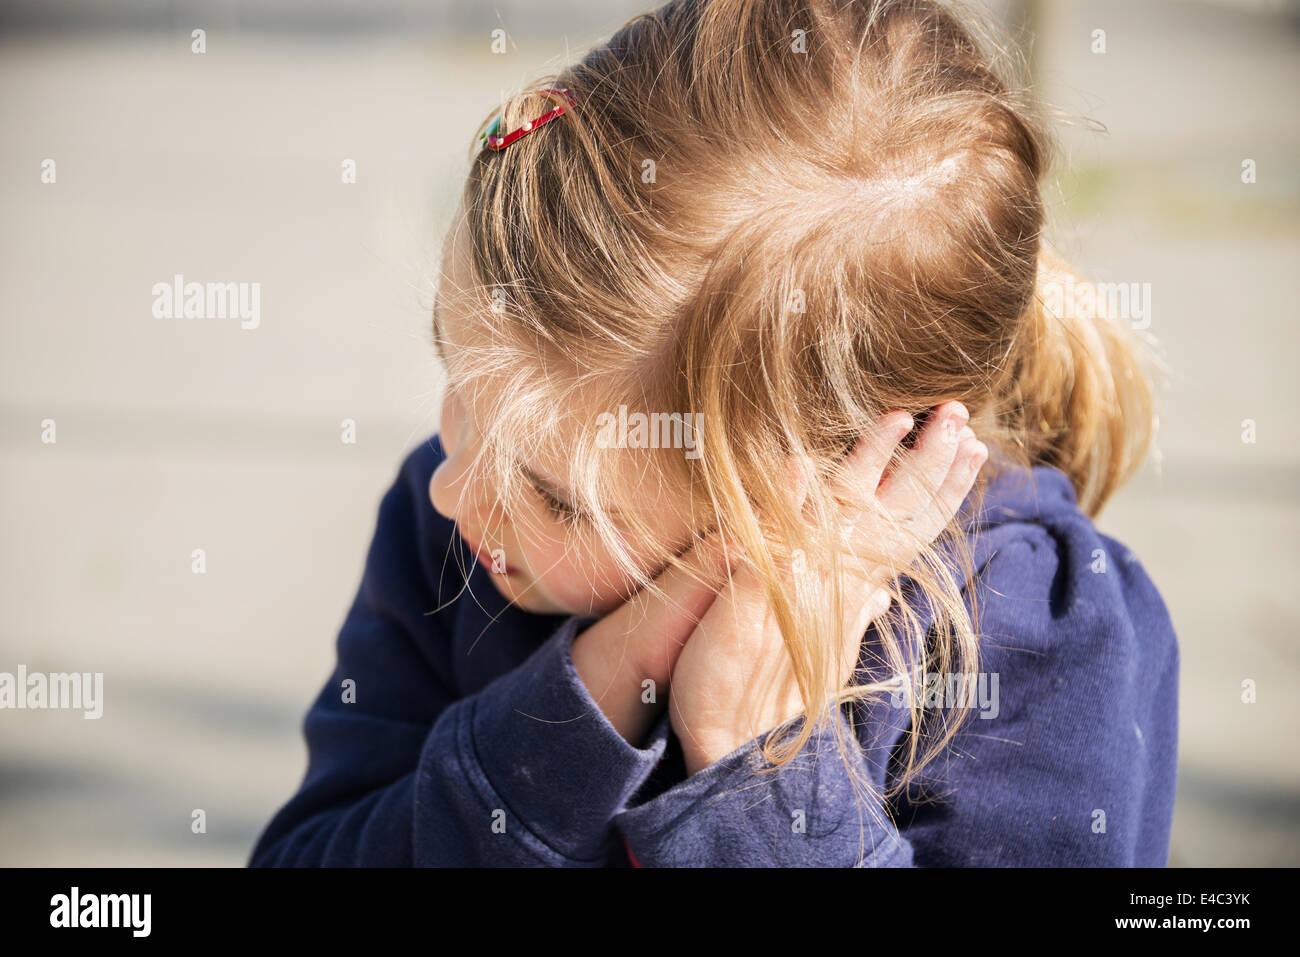 Blonde Mädchen ruhen Kopf in Händen, München, Bayern, Deutschland Stockbild